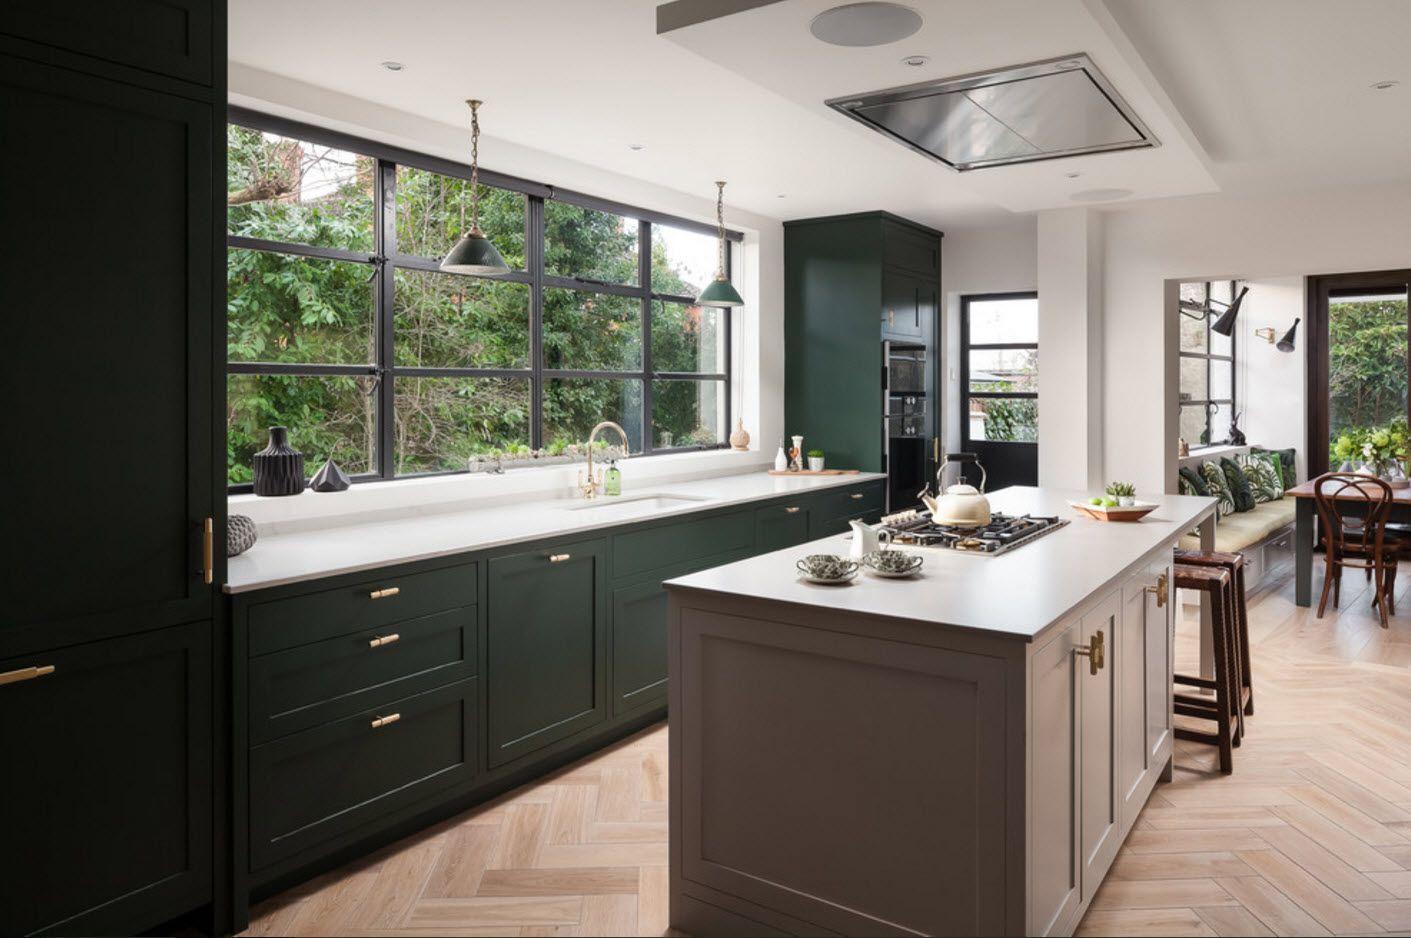 Küchendesign 2018 küchendesign in einem privaten haus  innenraum von   küche